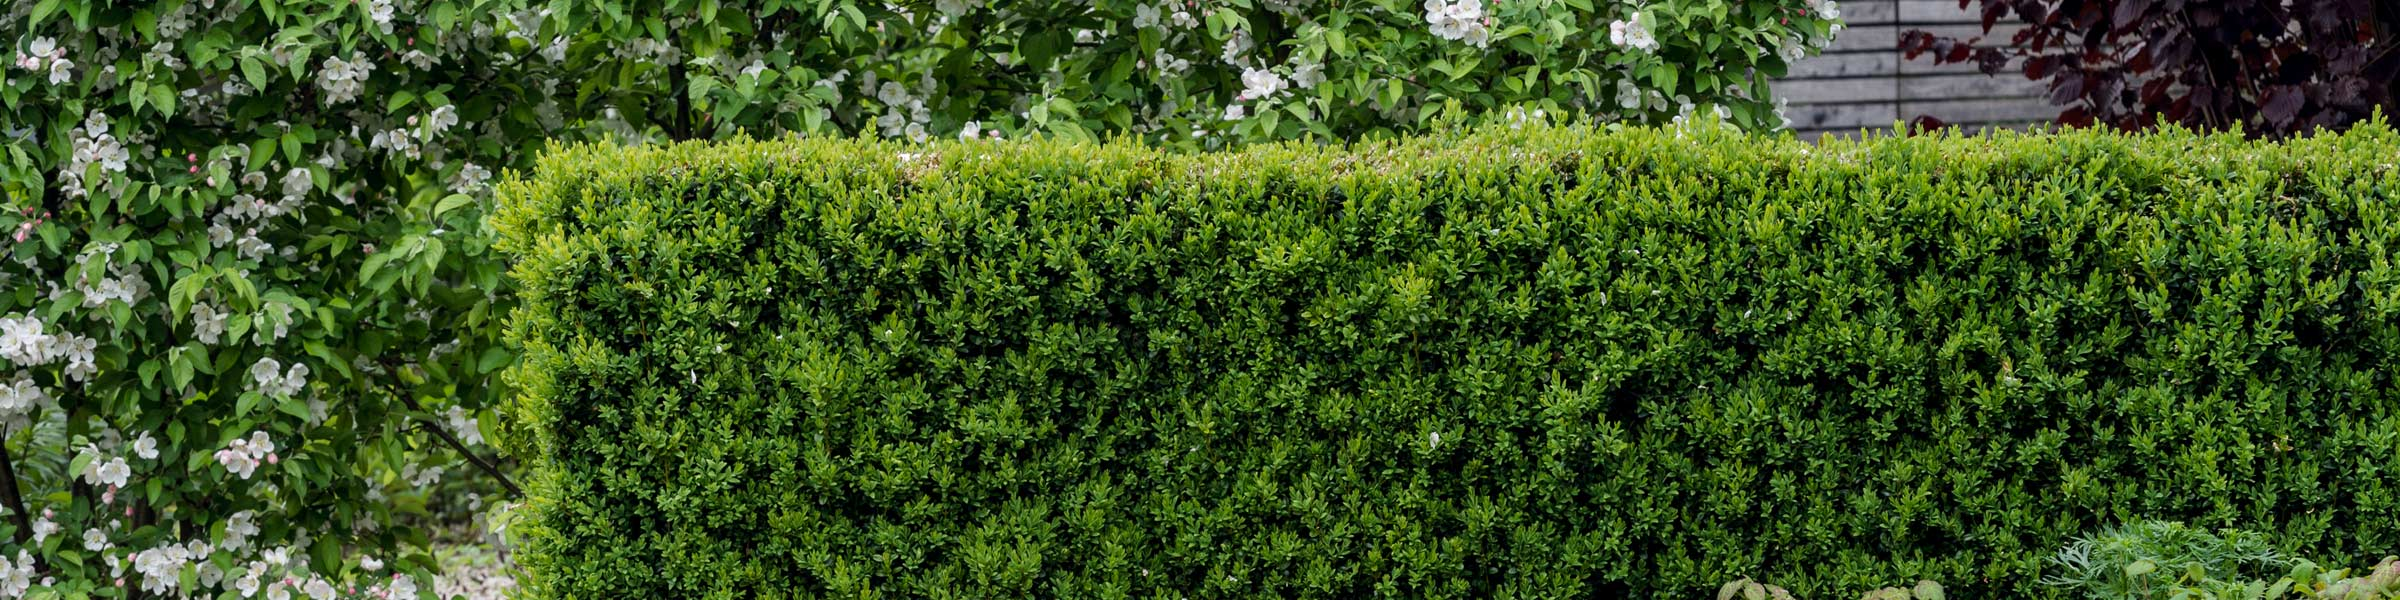 Heckenpflanzen Pflegeleichter Sichtschutz Dehner